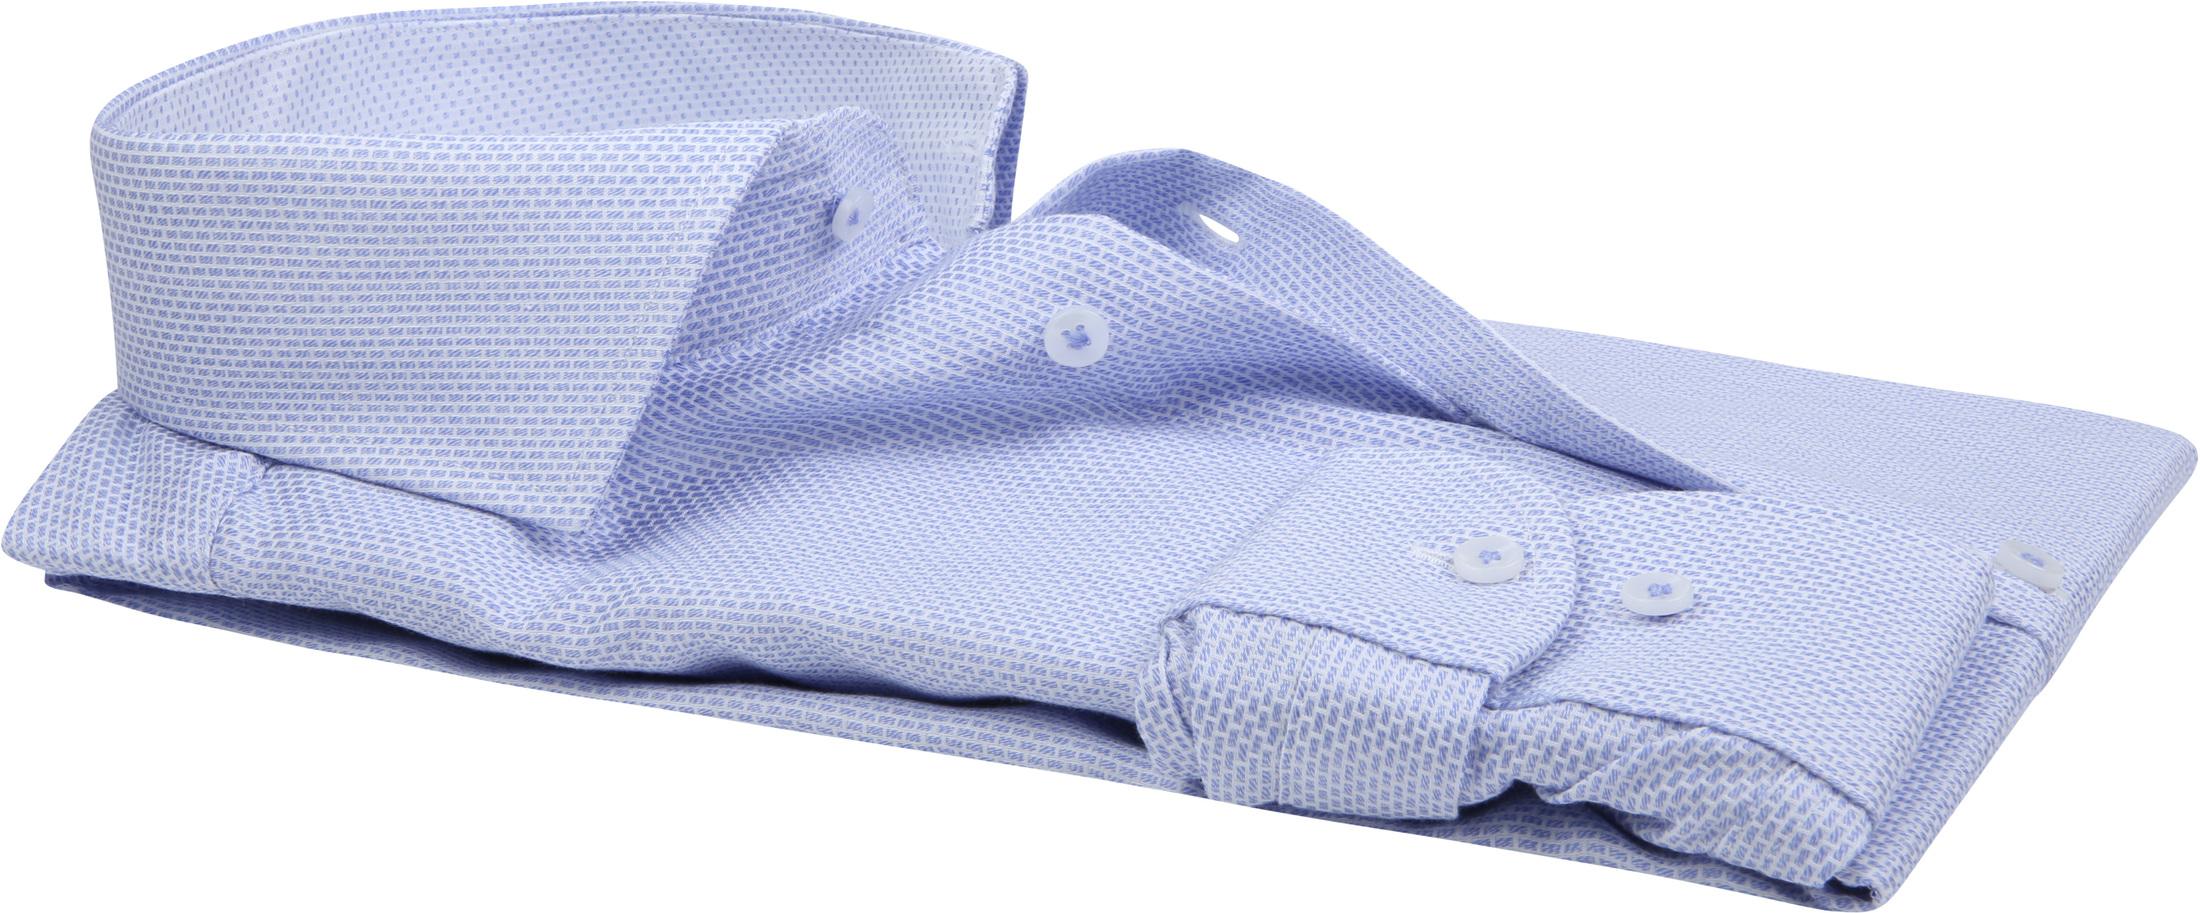 Profuomo Overhemd Dessin Blue foto 2